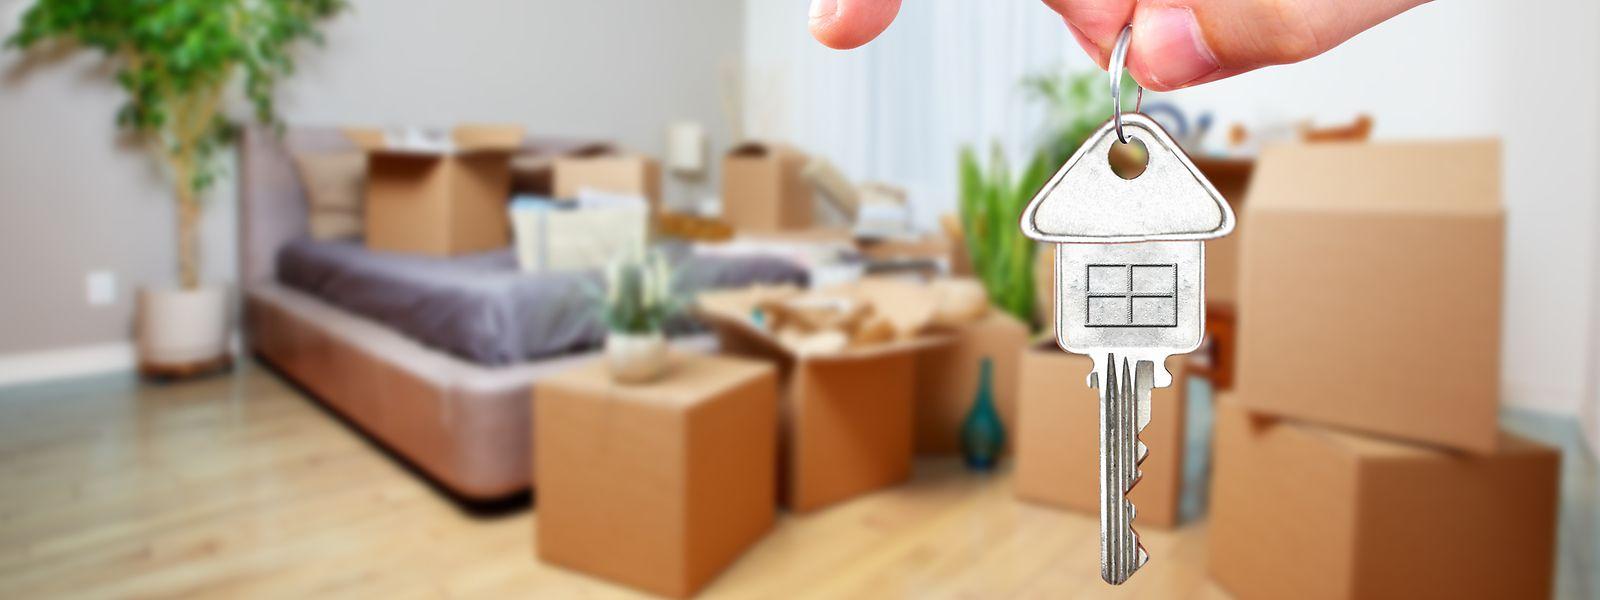 Selon les derniers chiffres de l'Observatoire national de l'Habitat le prix moyen de location sur l'ensemble du pays était de 26,03 €/m².